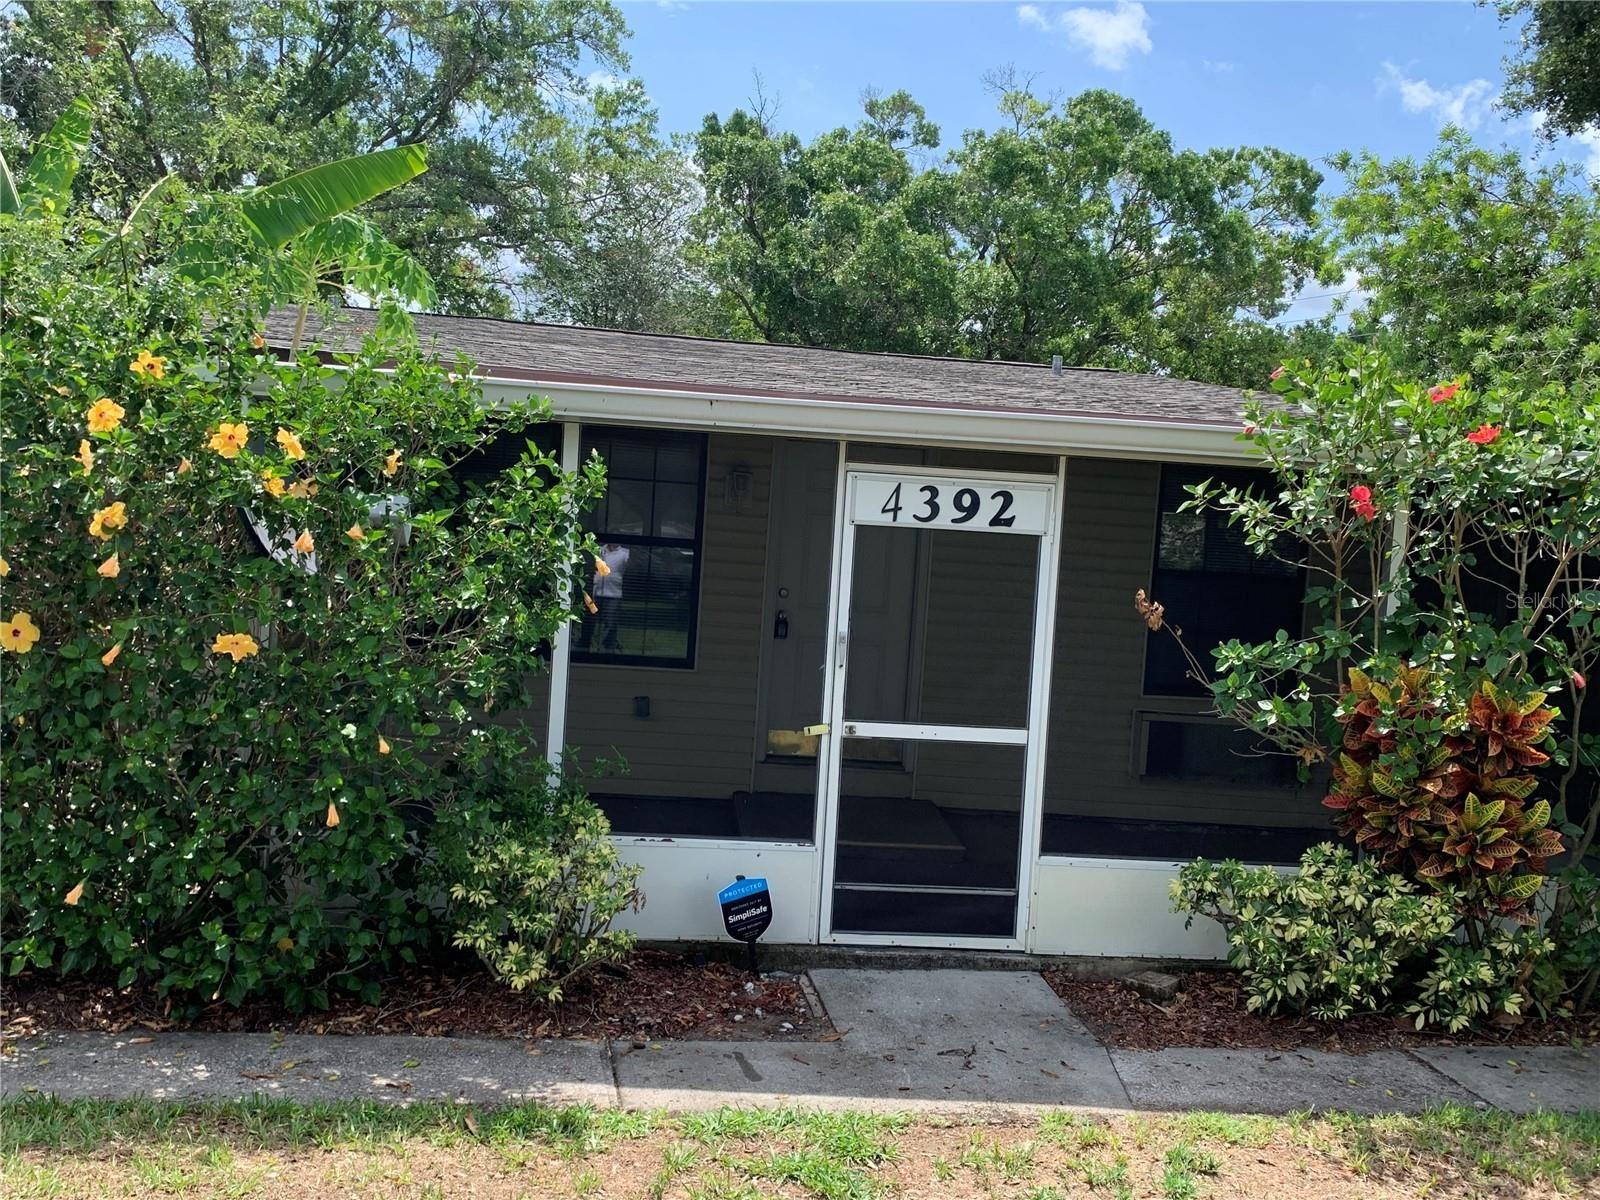 4392 E MICHIGAN STREET #4392, Orlando, FL 32812 - #: O5949199